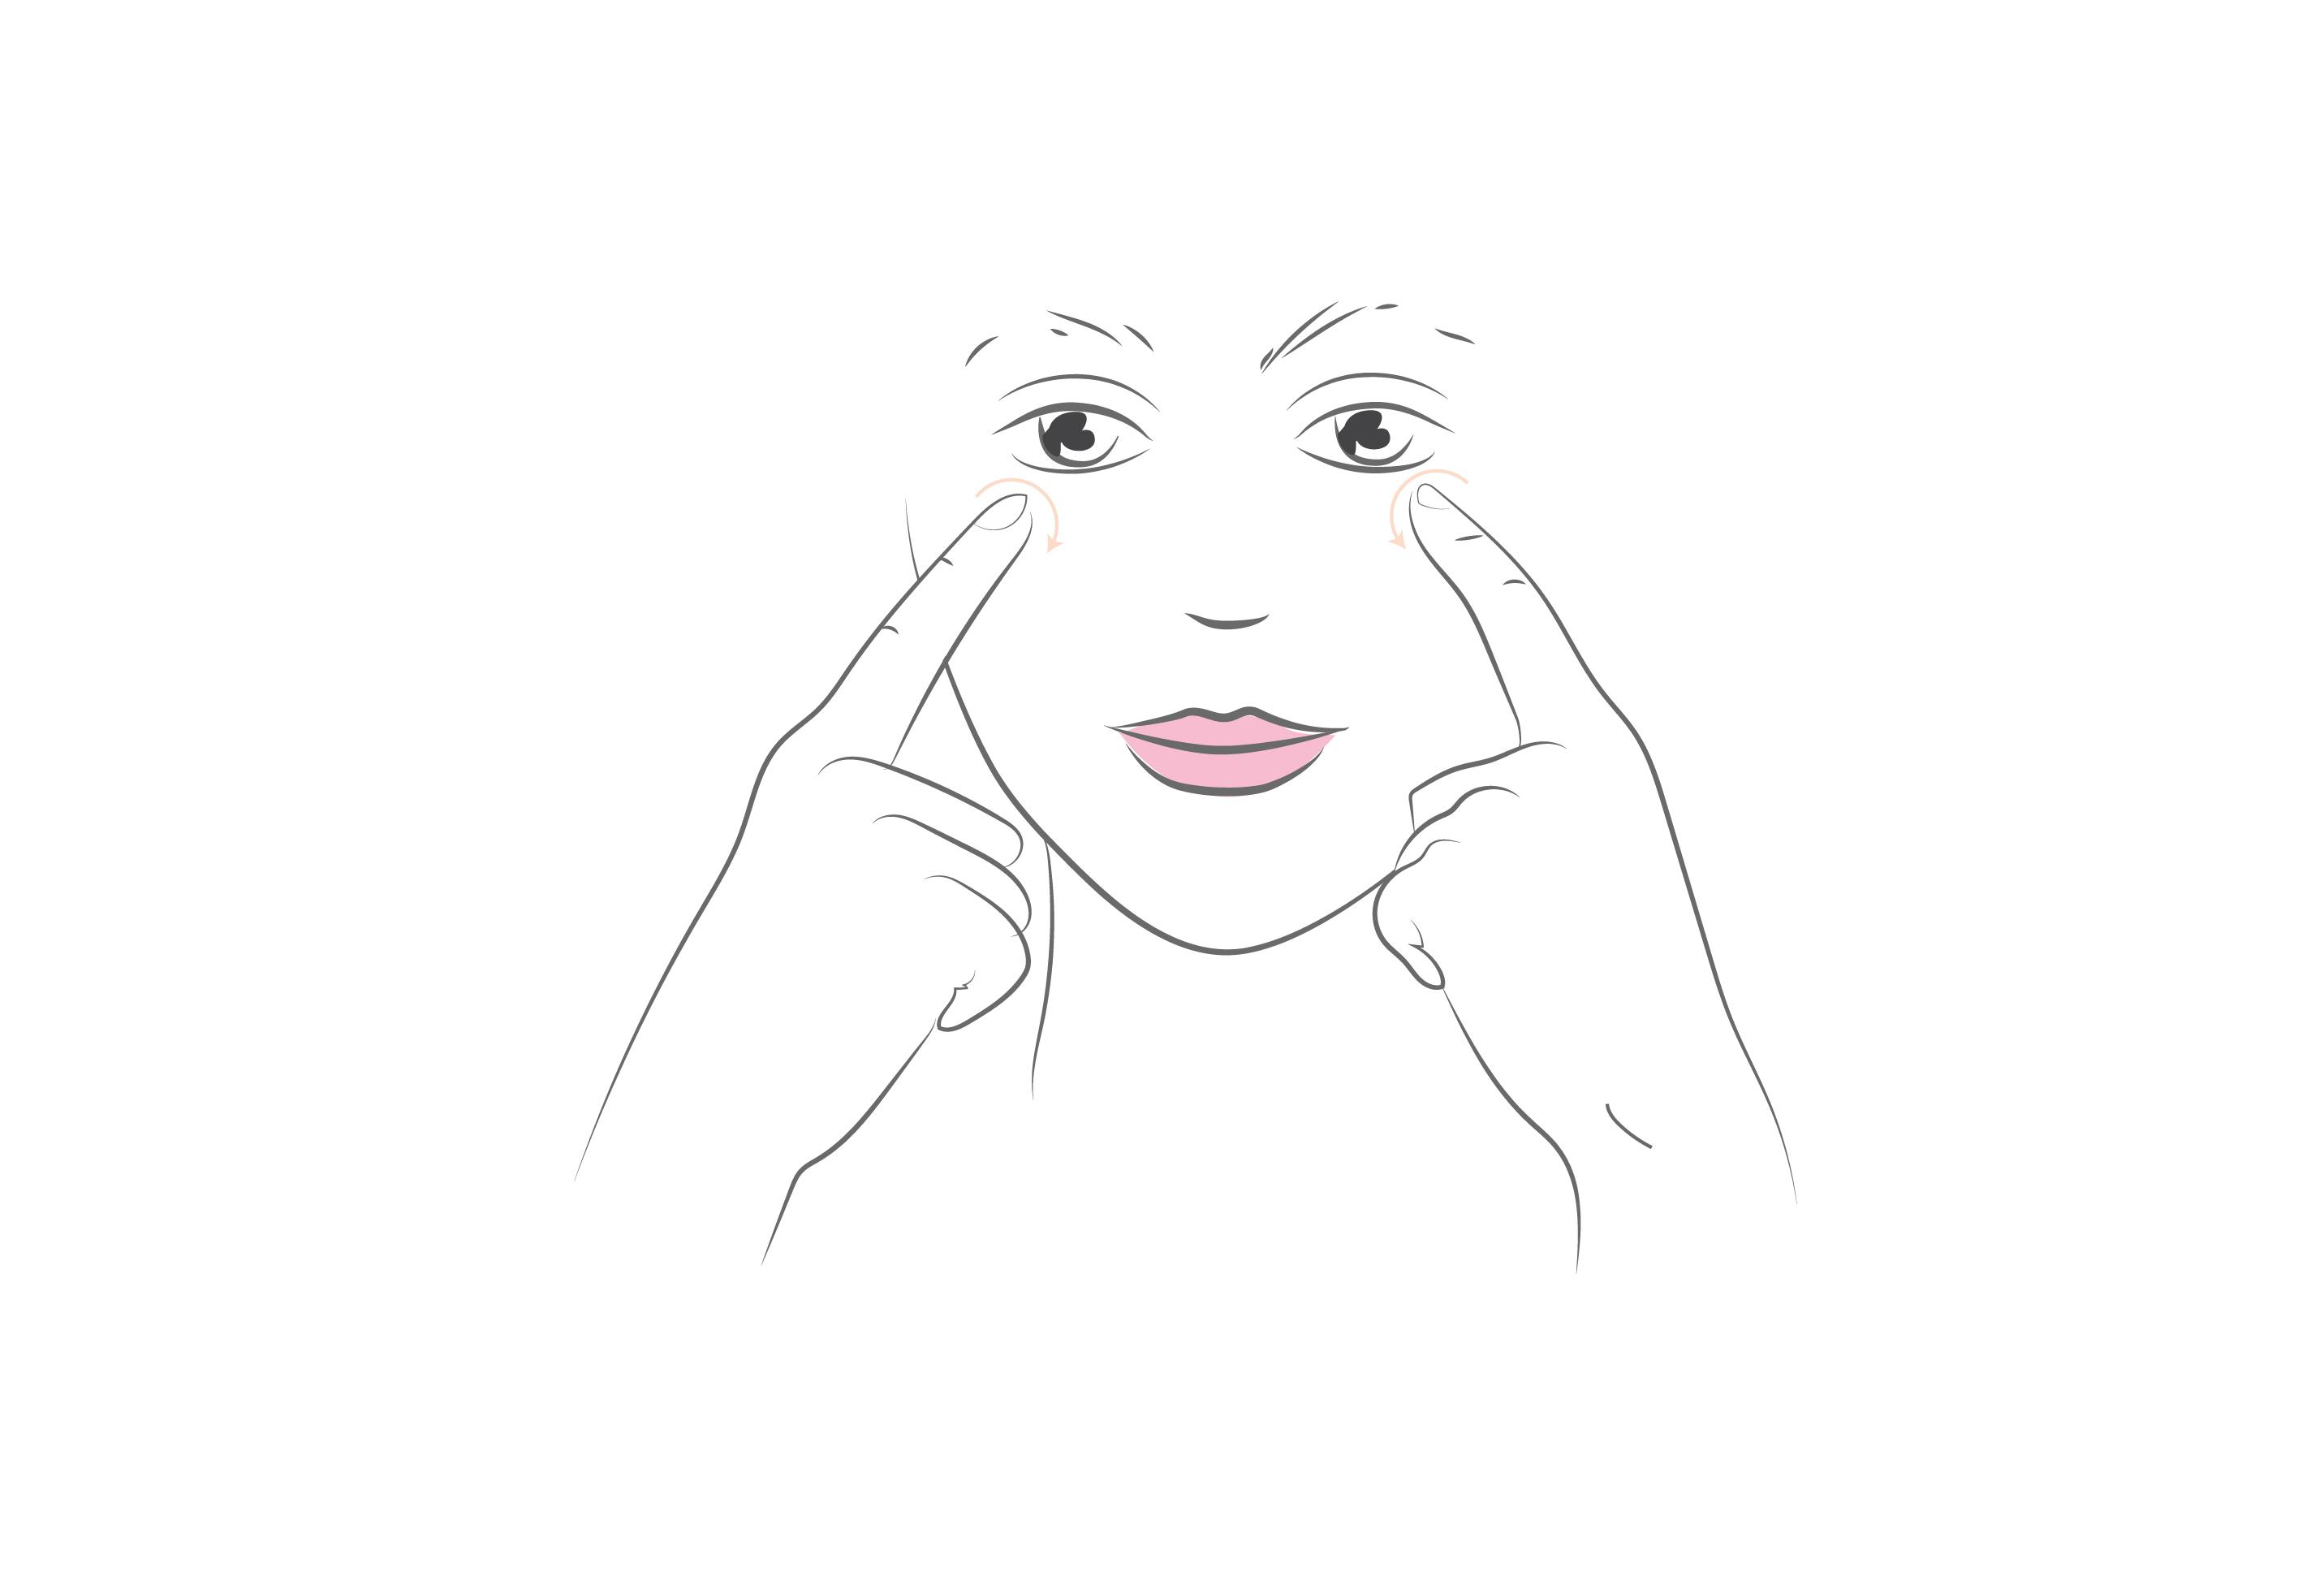 Tuto gymnastique faciale yeux